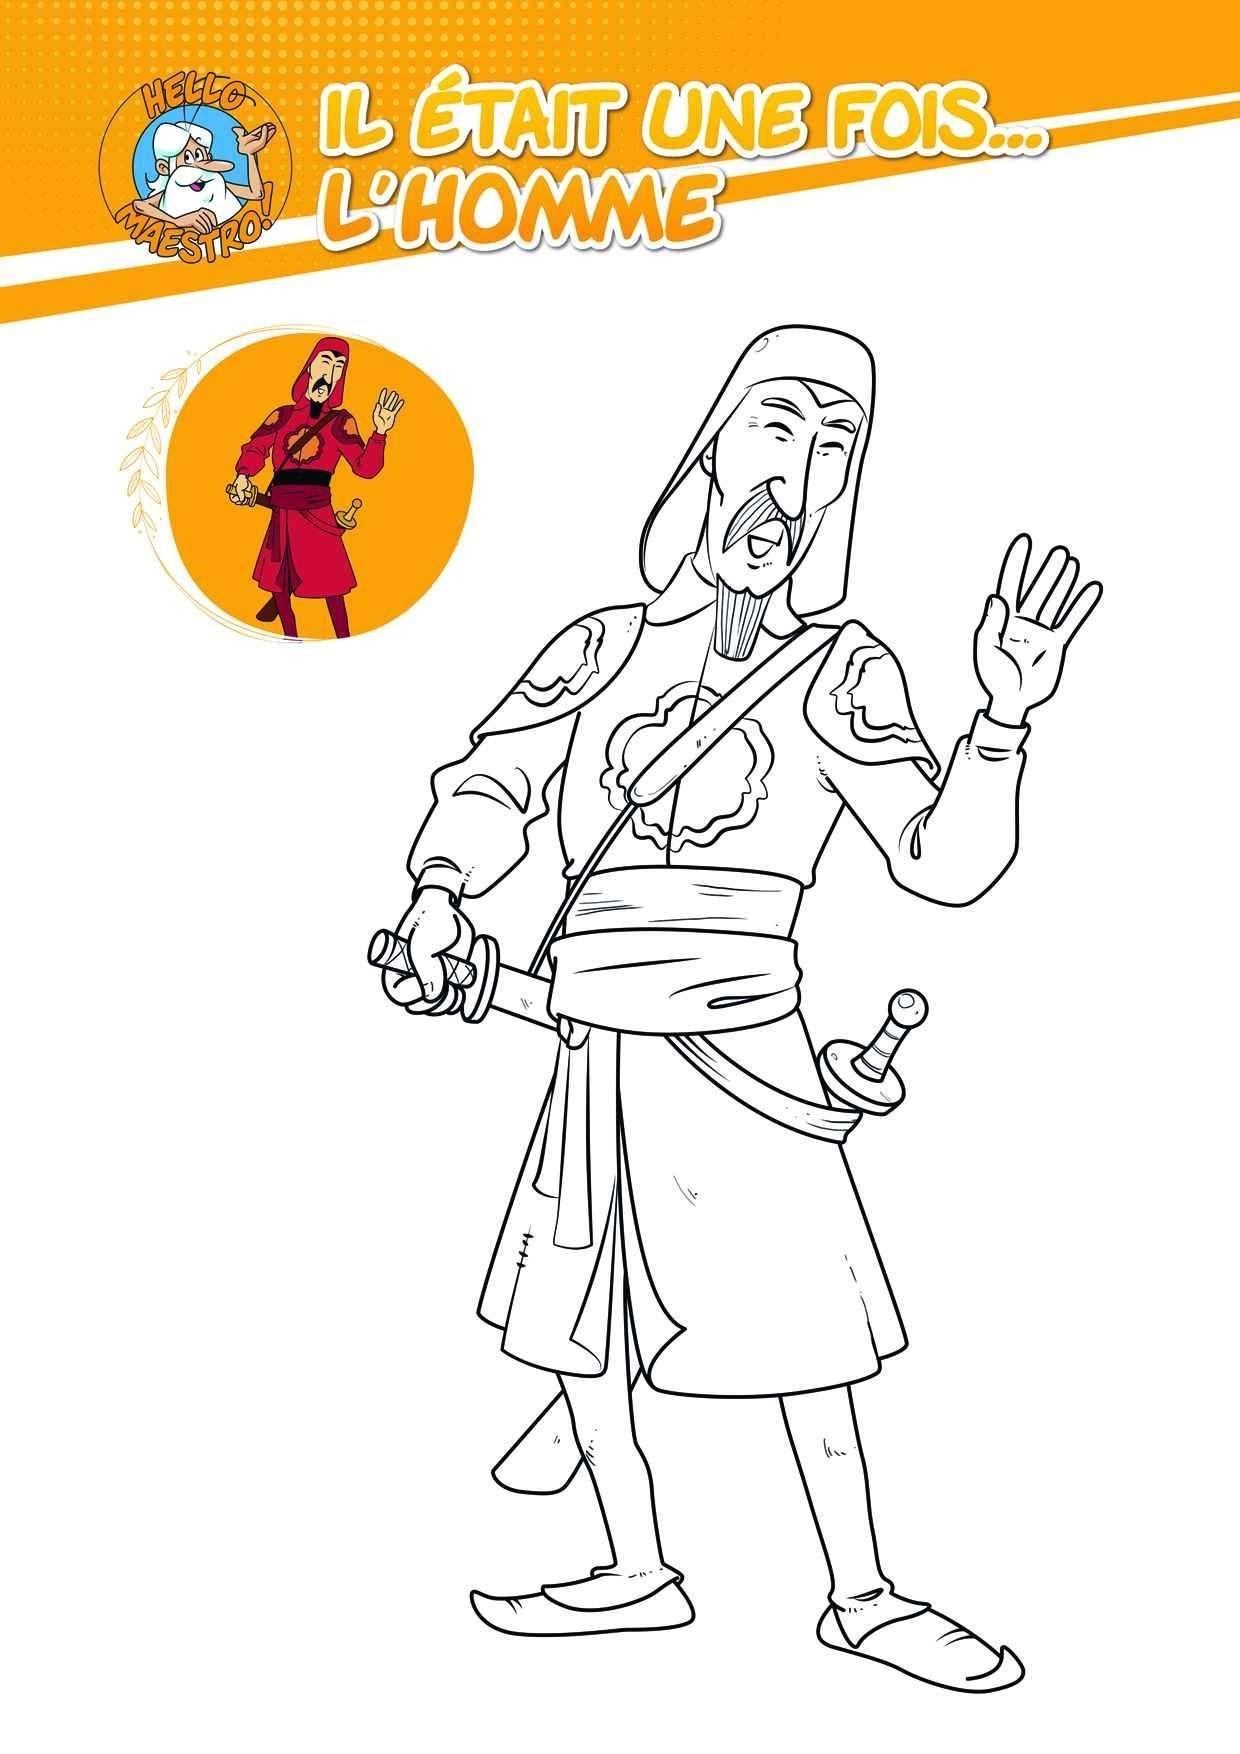 Coloriage Le Samourai Coloriage Hello Maestro Il Etait Une Fois L Homme Coloriages Dessins Animes